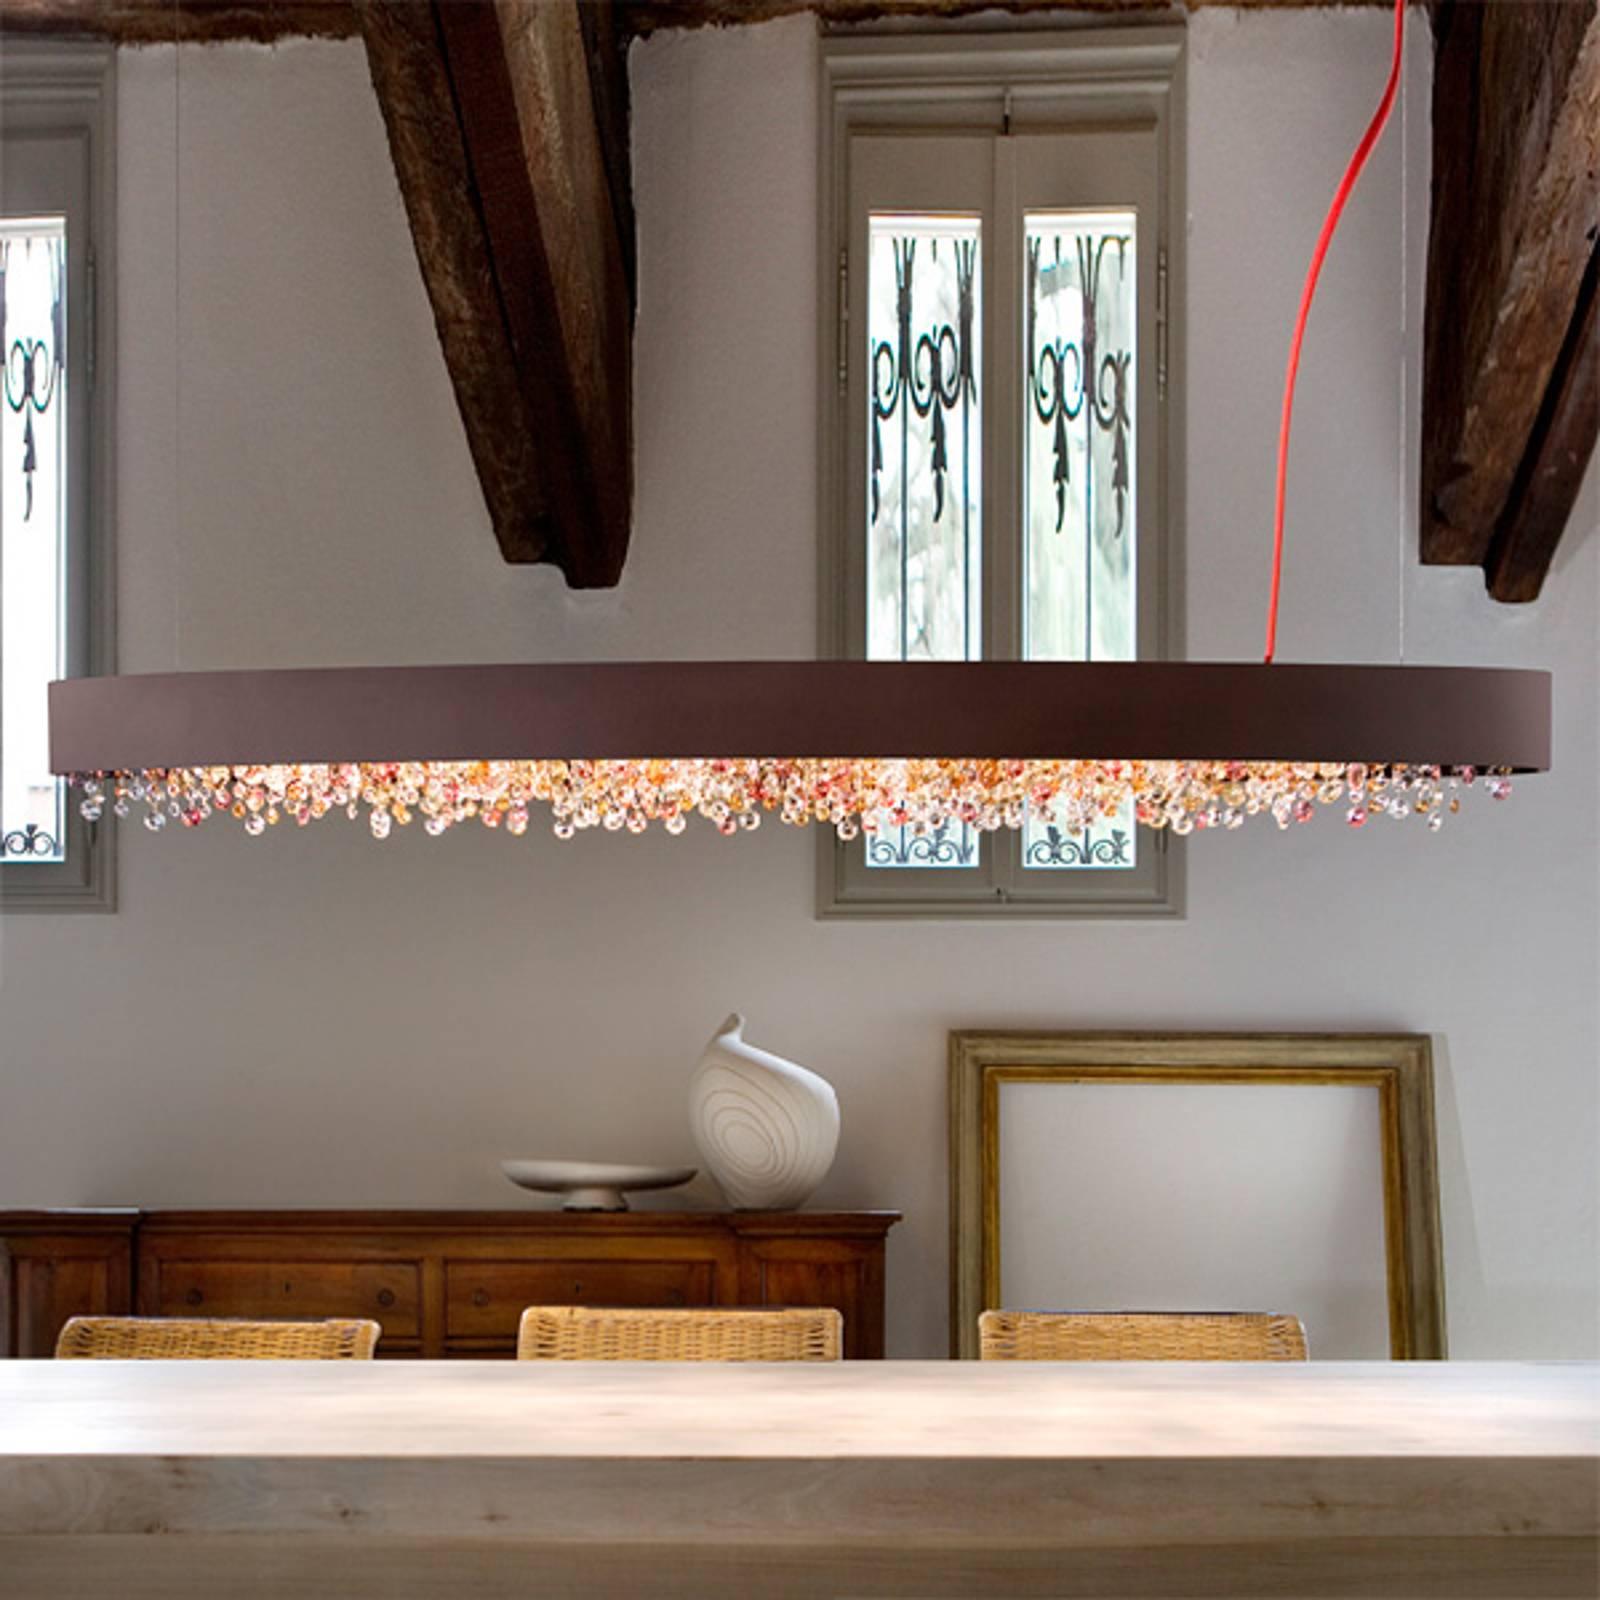 h ngelampen von masiero und andere lampen f r wohnzimmer online kaufen bei m bel garten. Black Bedroom Furniture Sets. Home Design Ideas